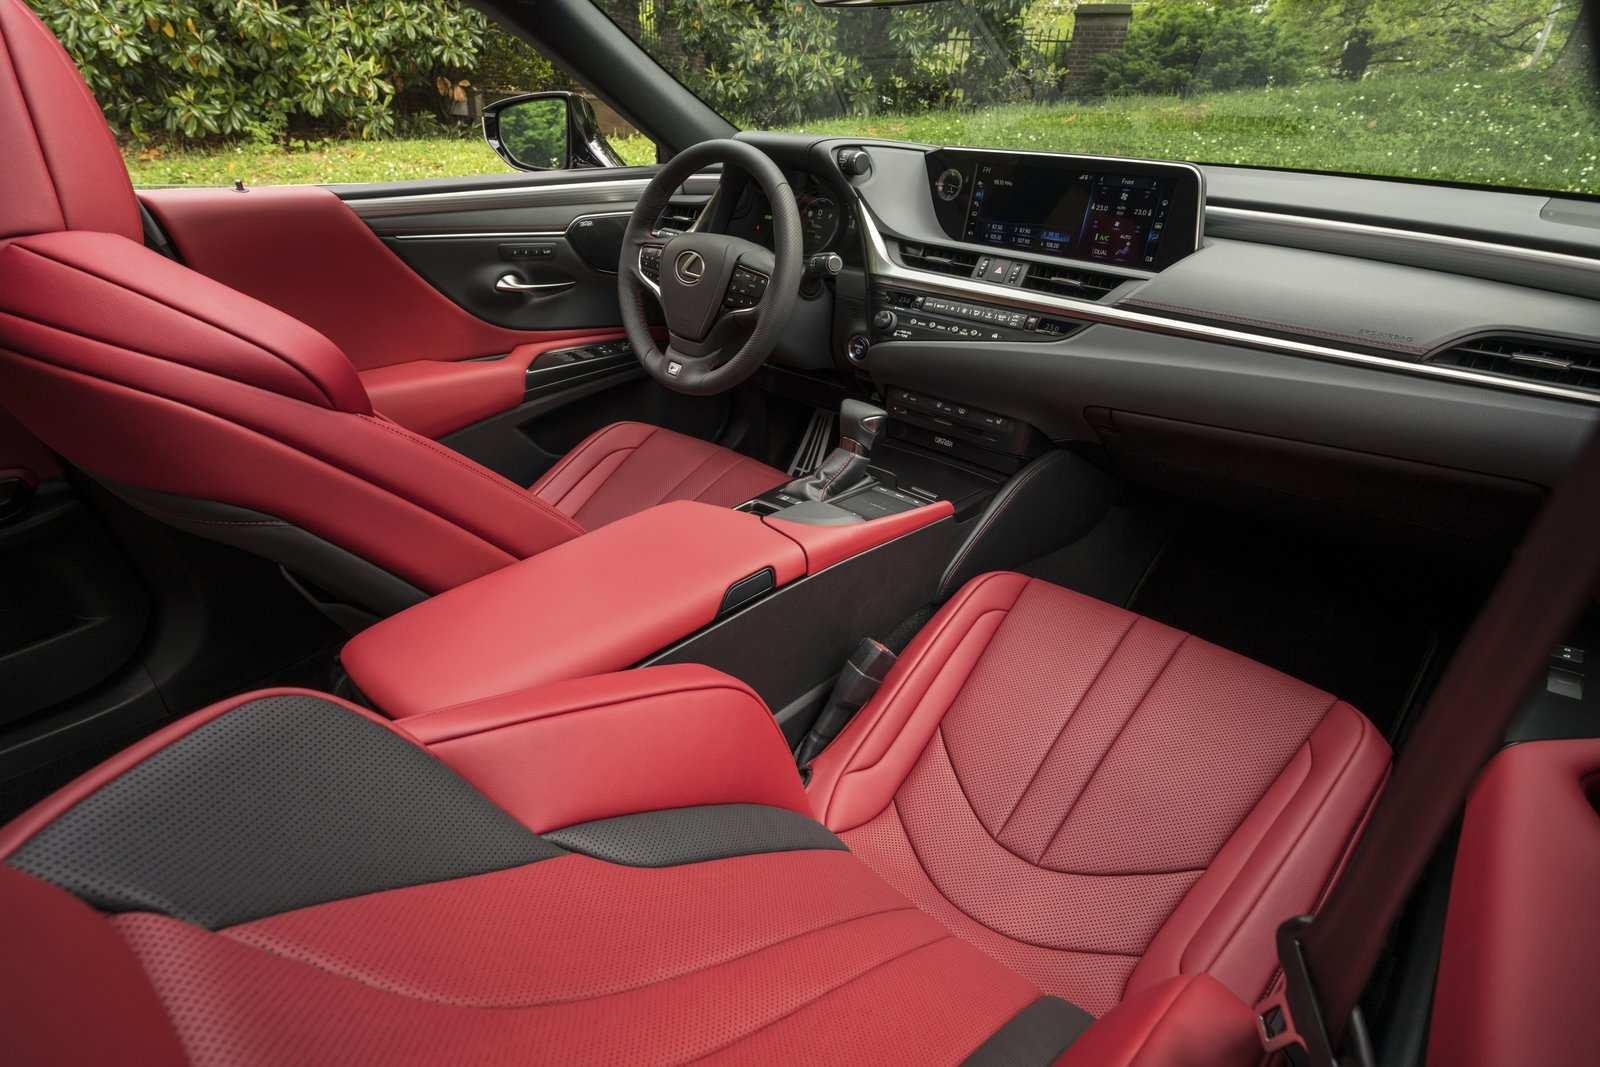 54 Concept of 2019 Lexus Es Interior Pictures for 2019 Lexus Es Interior